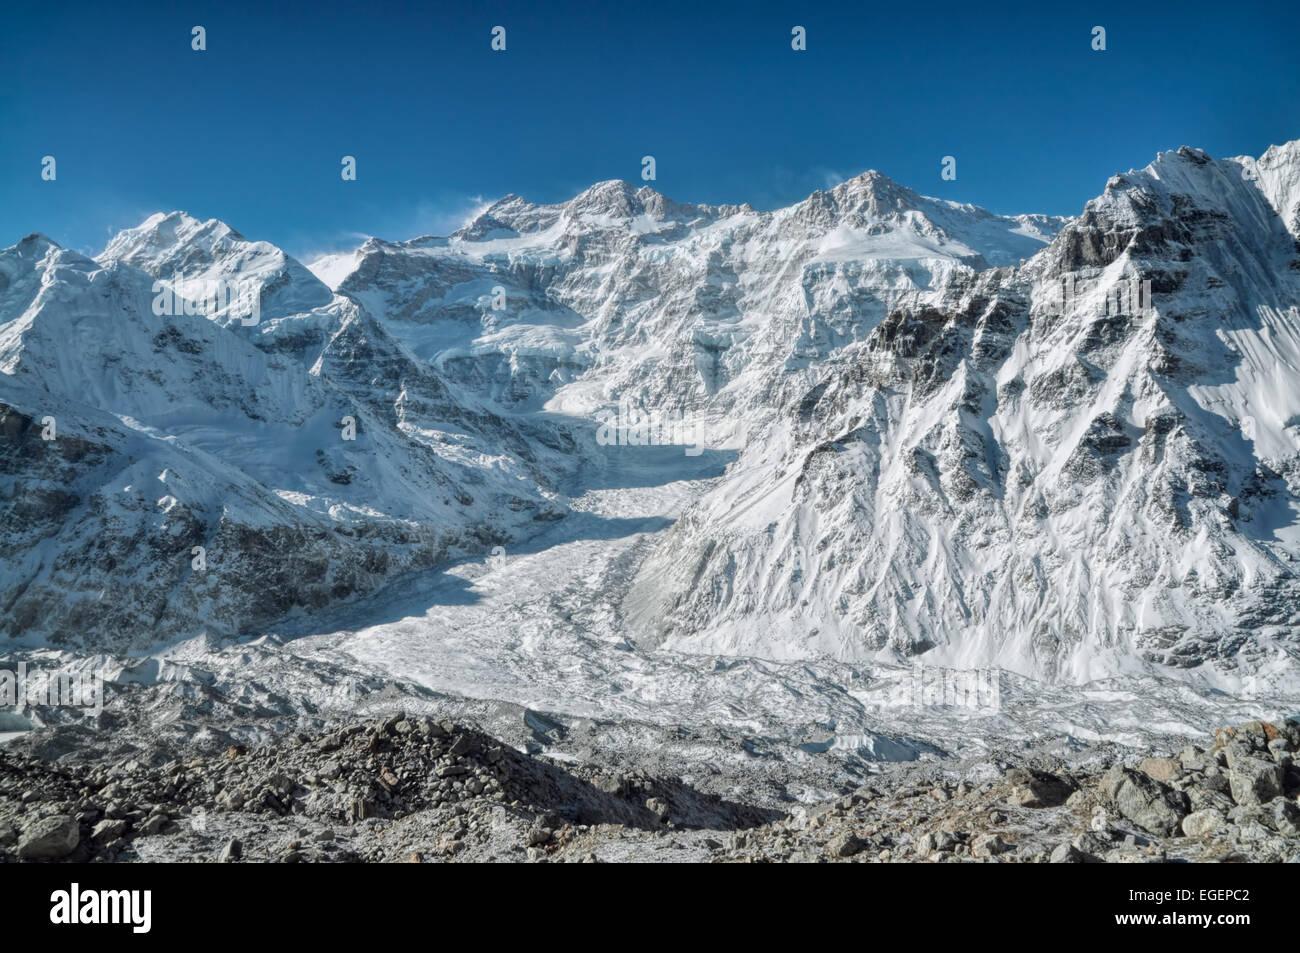 Vue imprenable sur les montagnes enneigées du Kangchenjunga au Népal Photo Stock